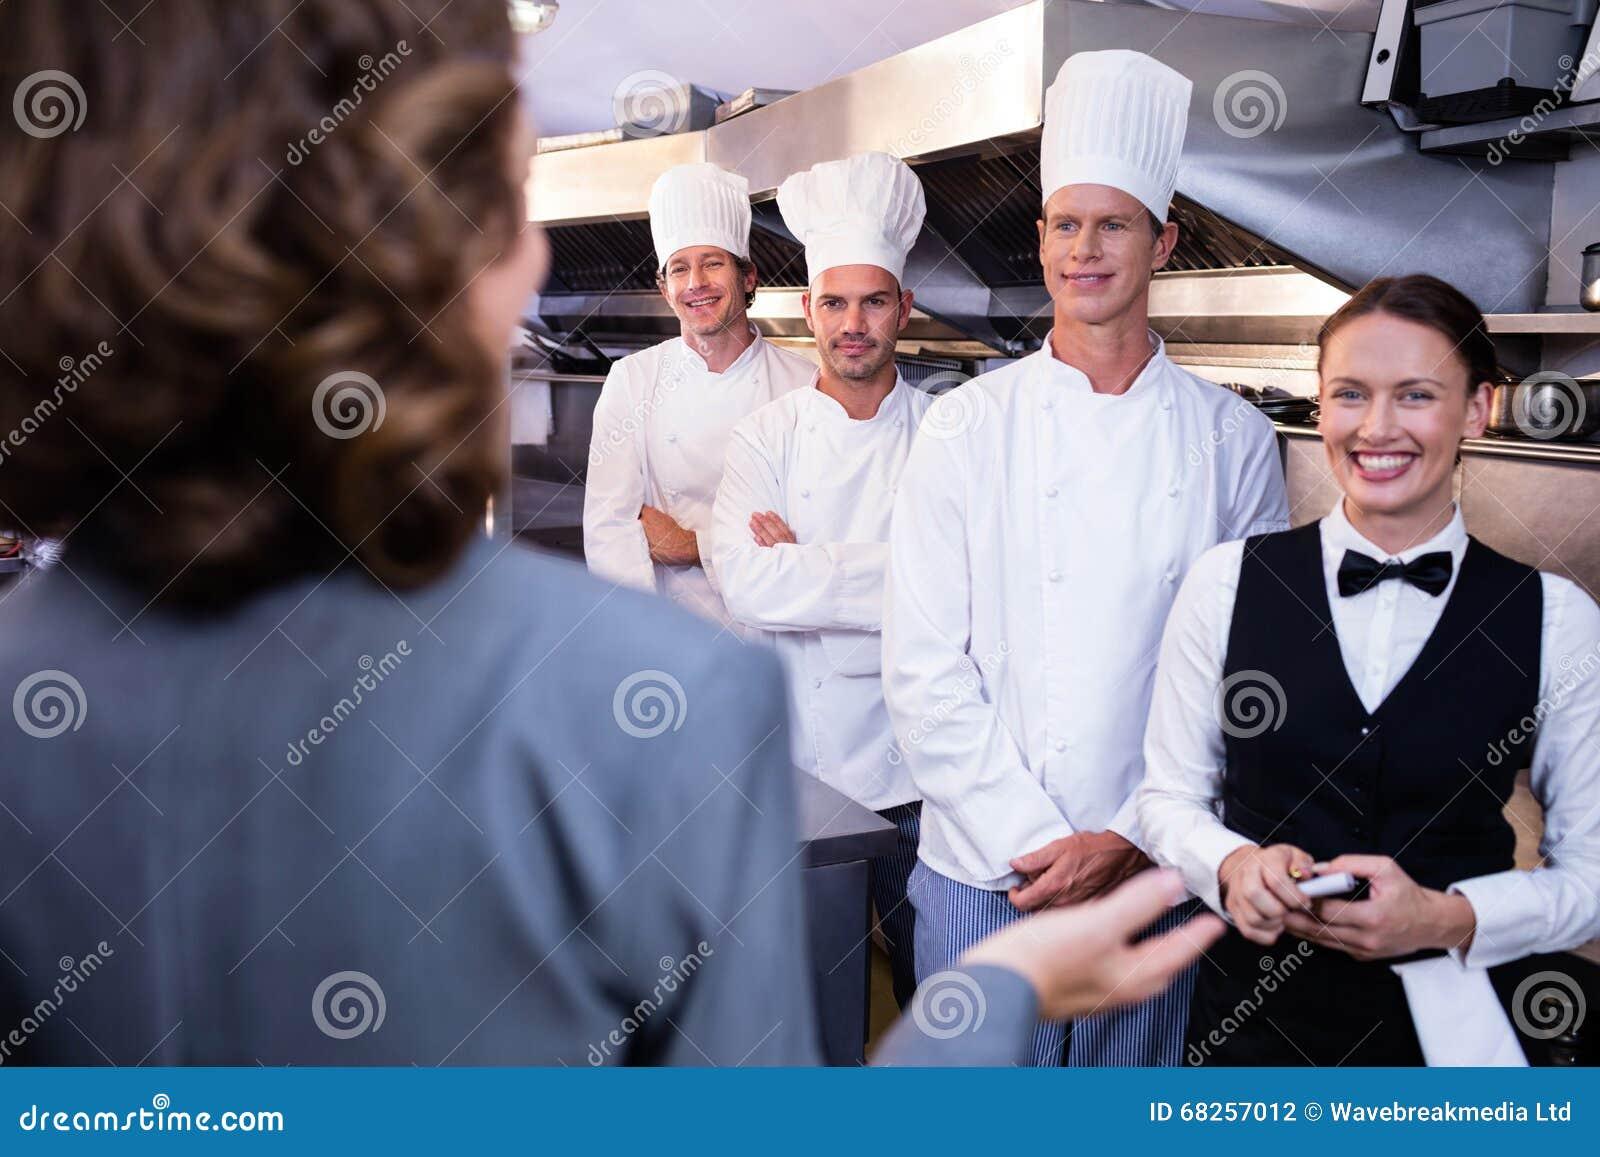 Restaurant Kitchen Staff restaurant manager briefing to his kitchen staff stock photo